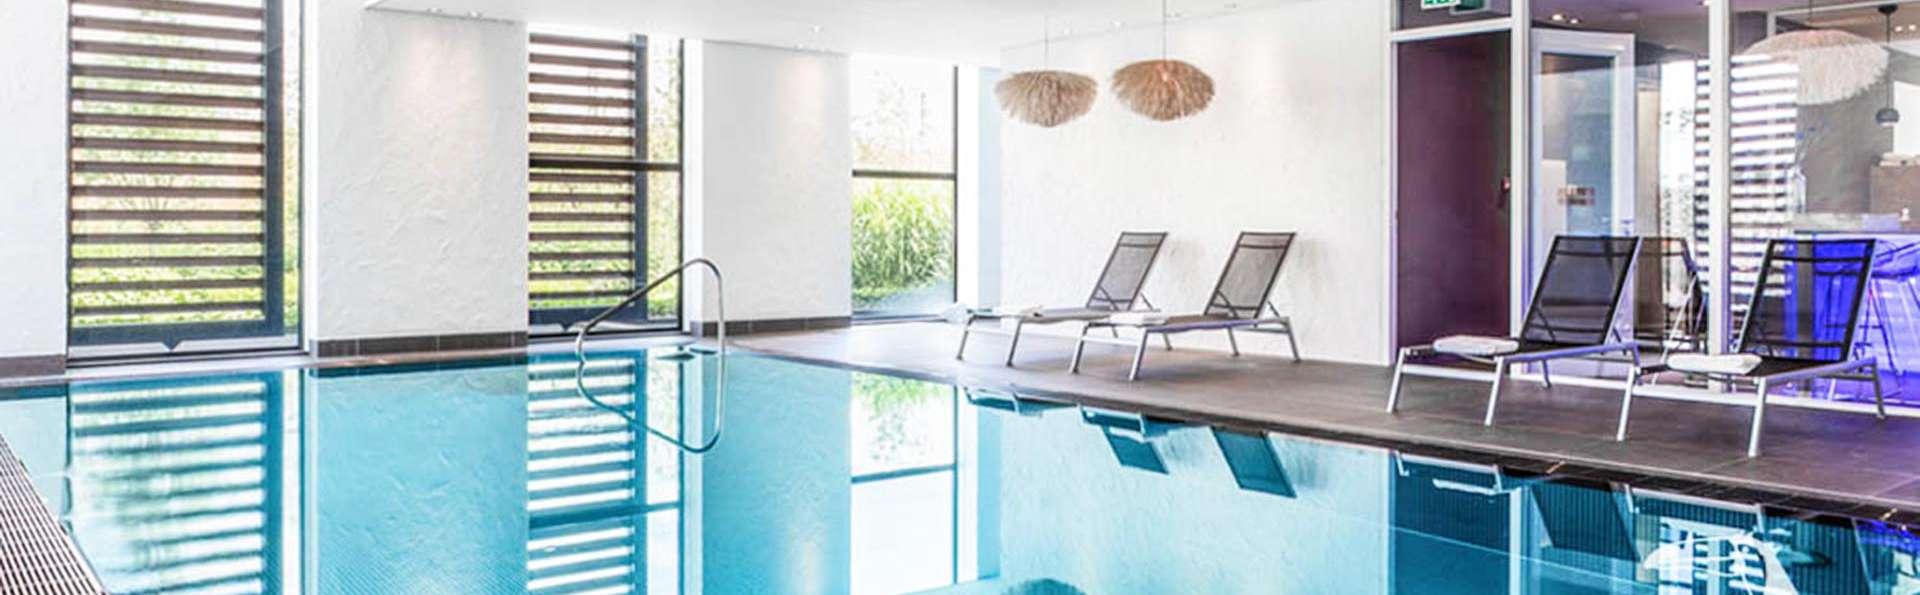 Van der Valk Hotel Breukelen - EDIT_Welness-zwembad_01.jpg